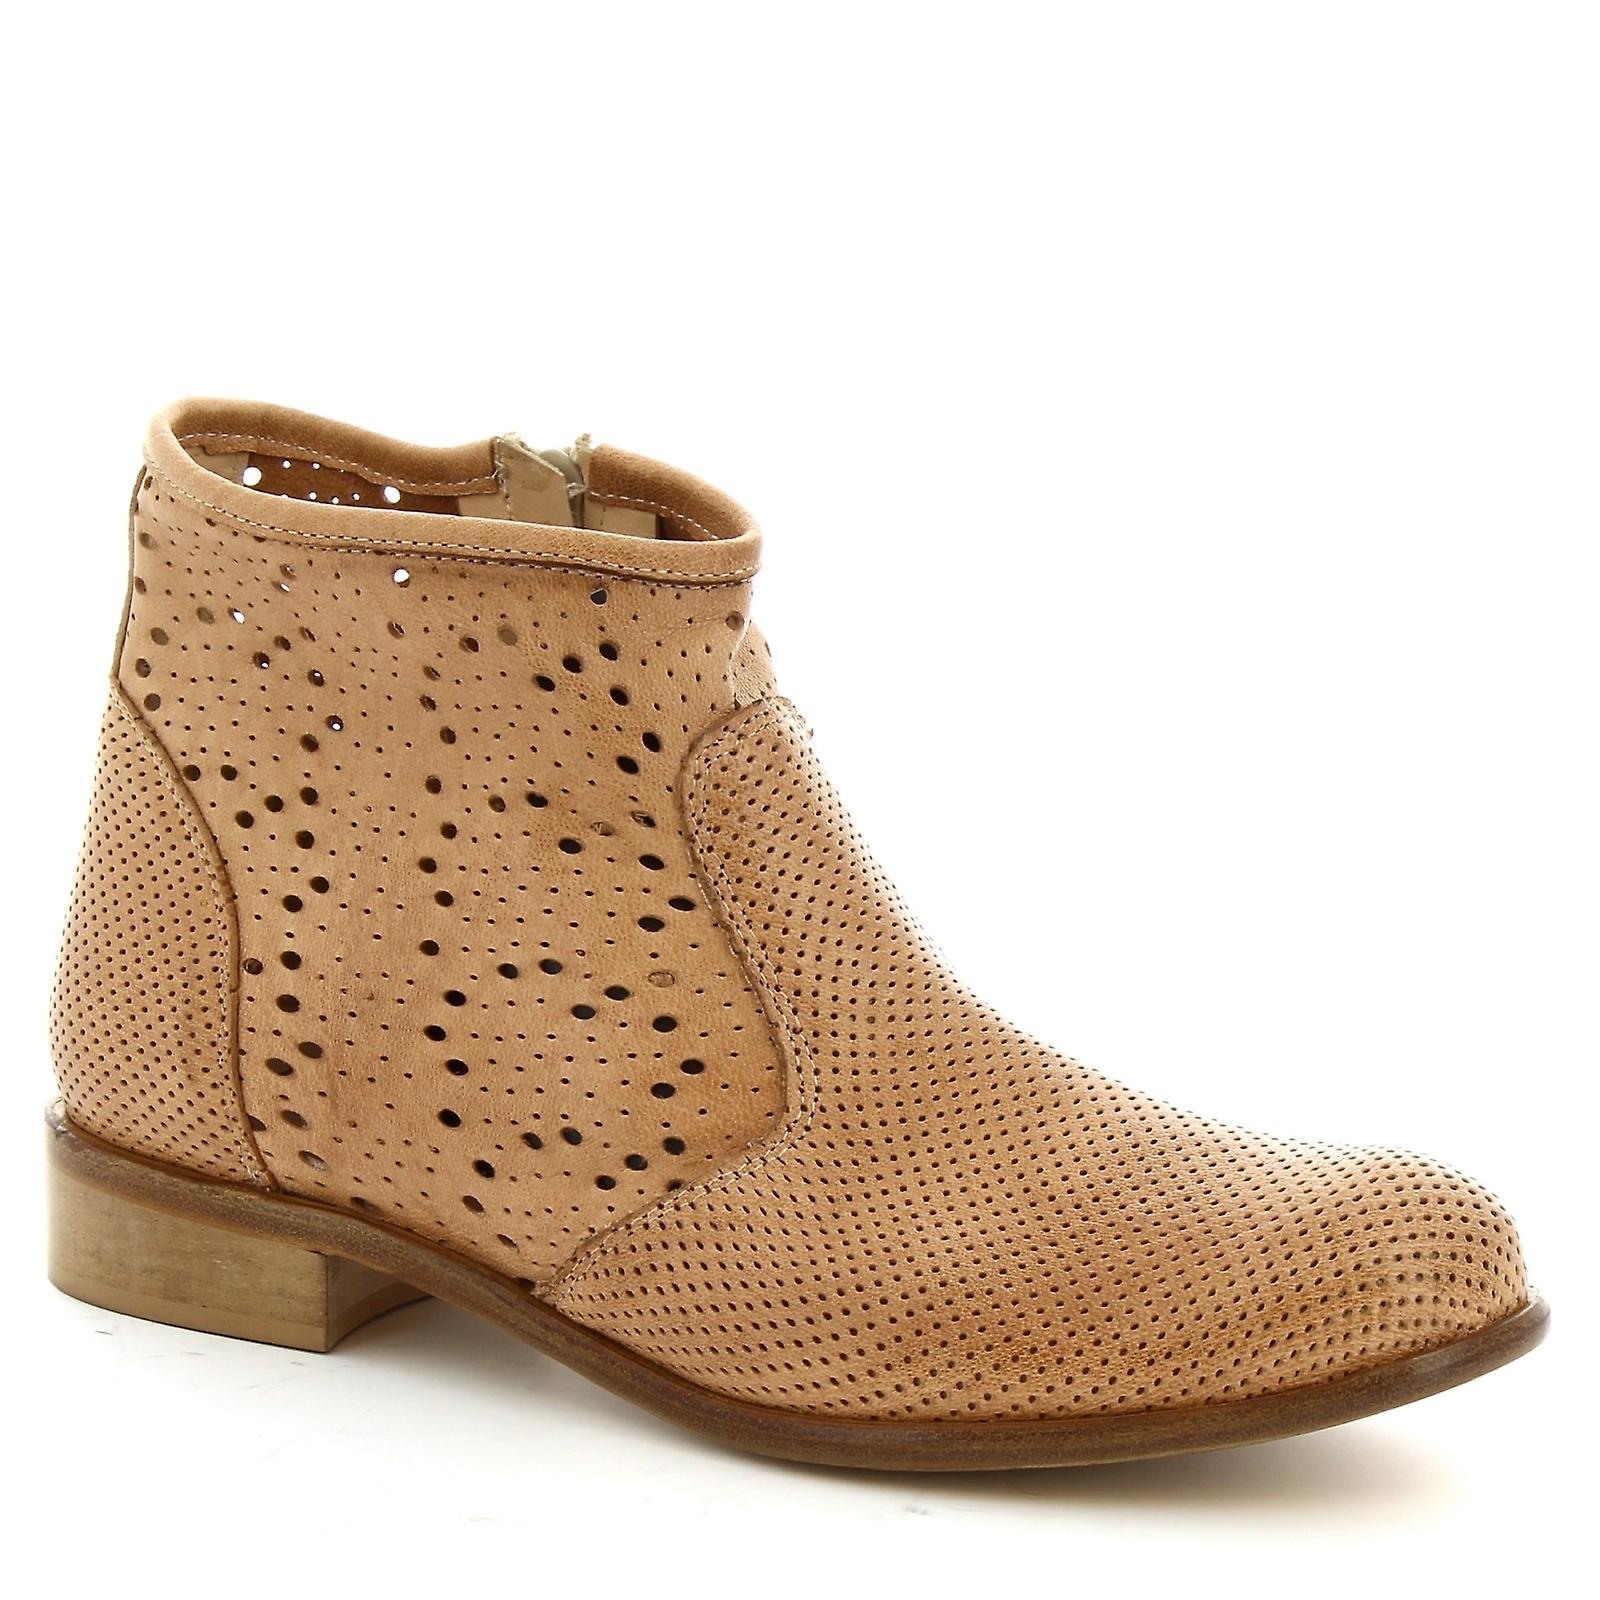 Leonardo Shoes Women's handmade booties in light brown openwork calf leather HQ82S